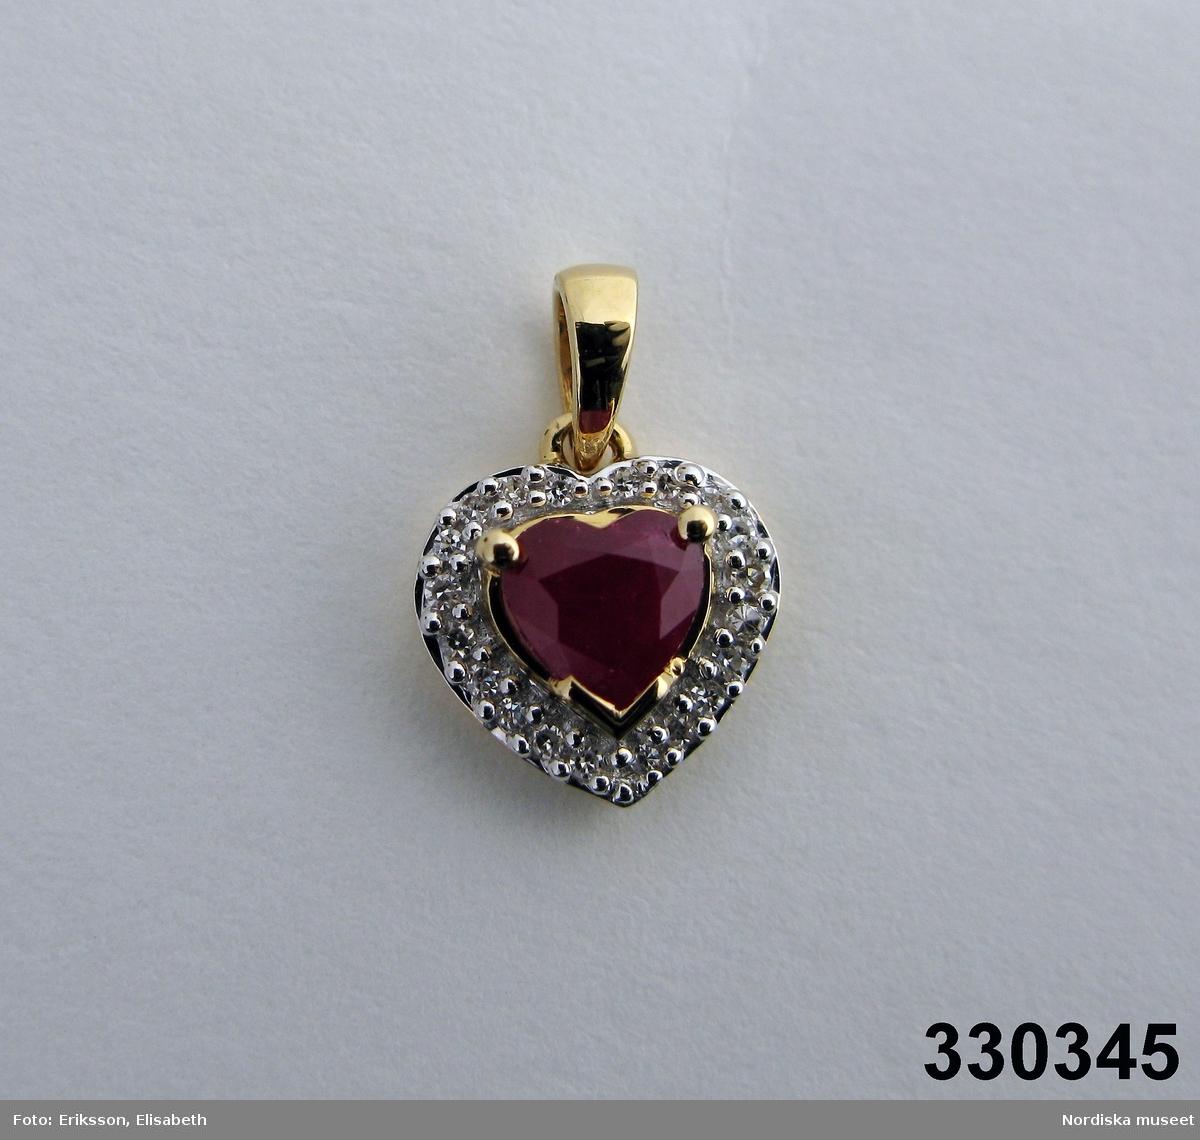 Hänge i form av ett hjärta. Tillverkad av rött guld med en hjärtformad facettslipad rubin i mitten omgjärdad av 36 st diamanter. Ädelstensvikten är för rubinen 0,61 ct och för diamanterna 0,108 ct. Ingrid Roos 2010-03-04